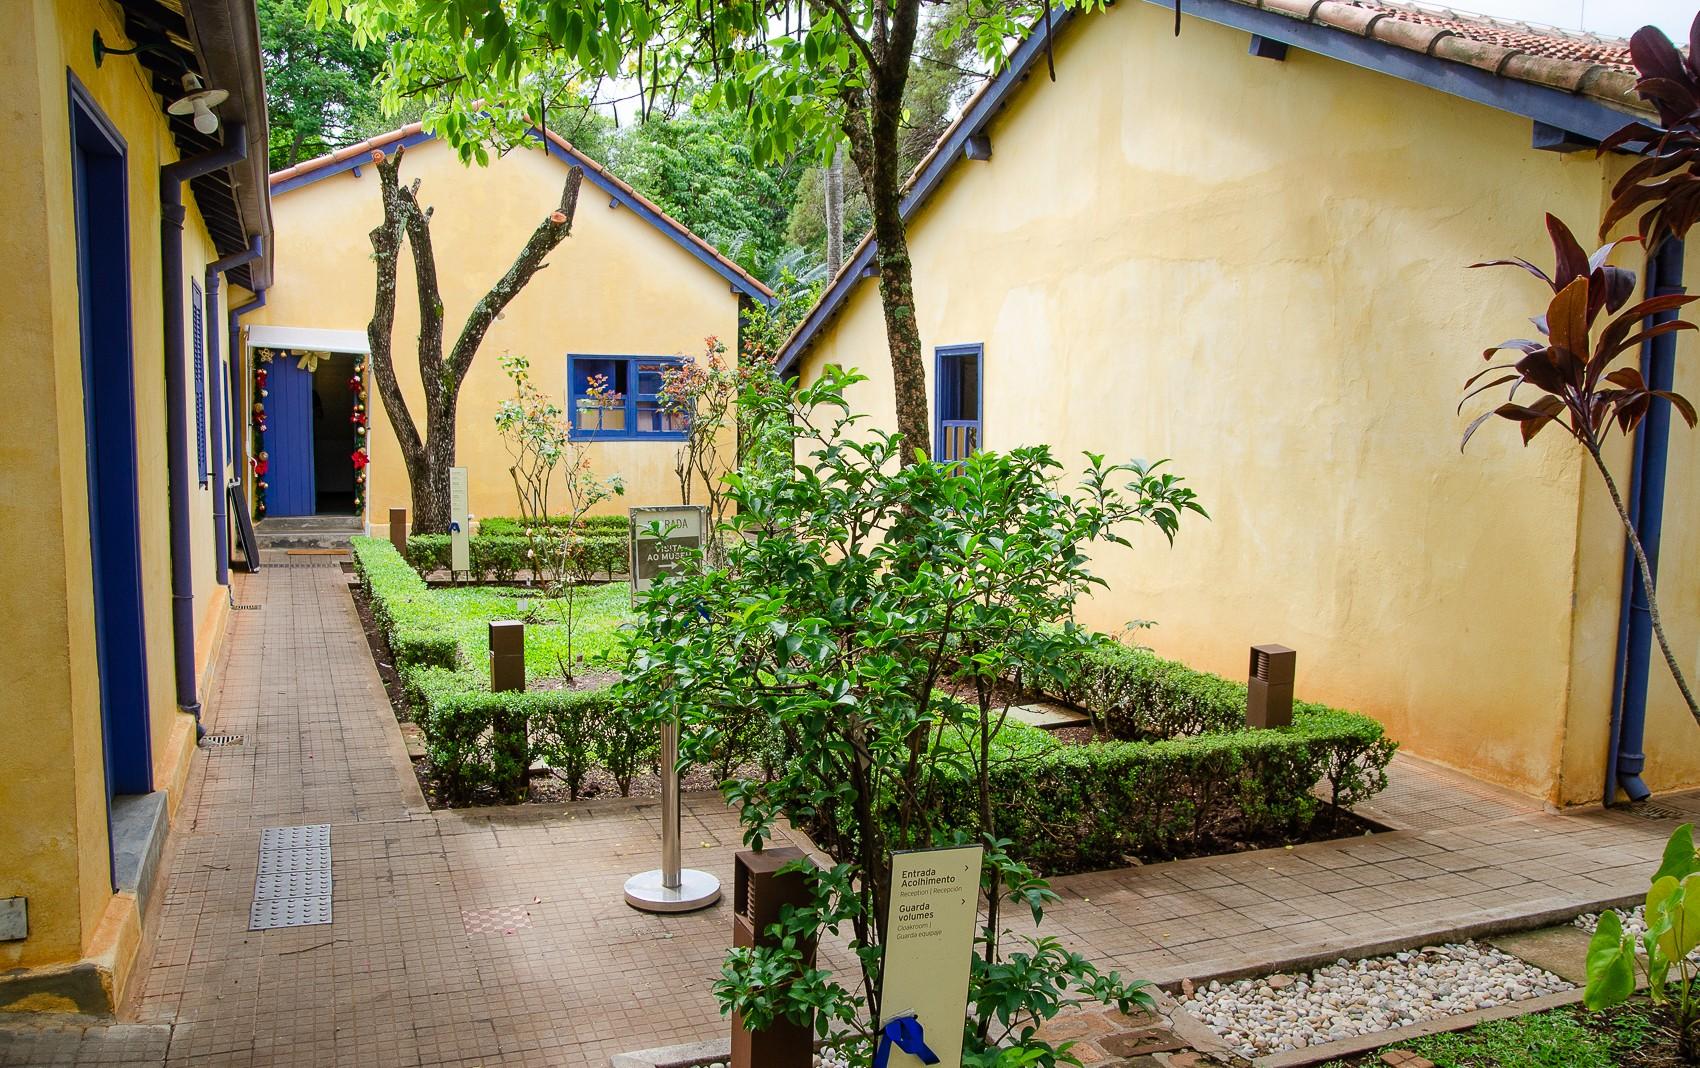 Museu Casa de Portinari amplia horário de visitação presencial em Brodowski, SP